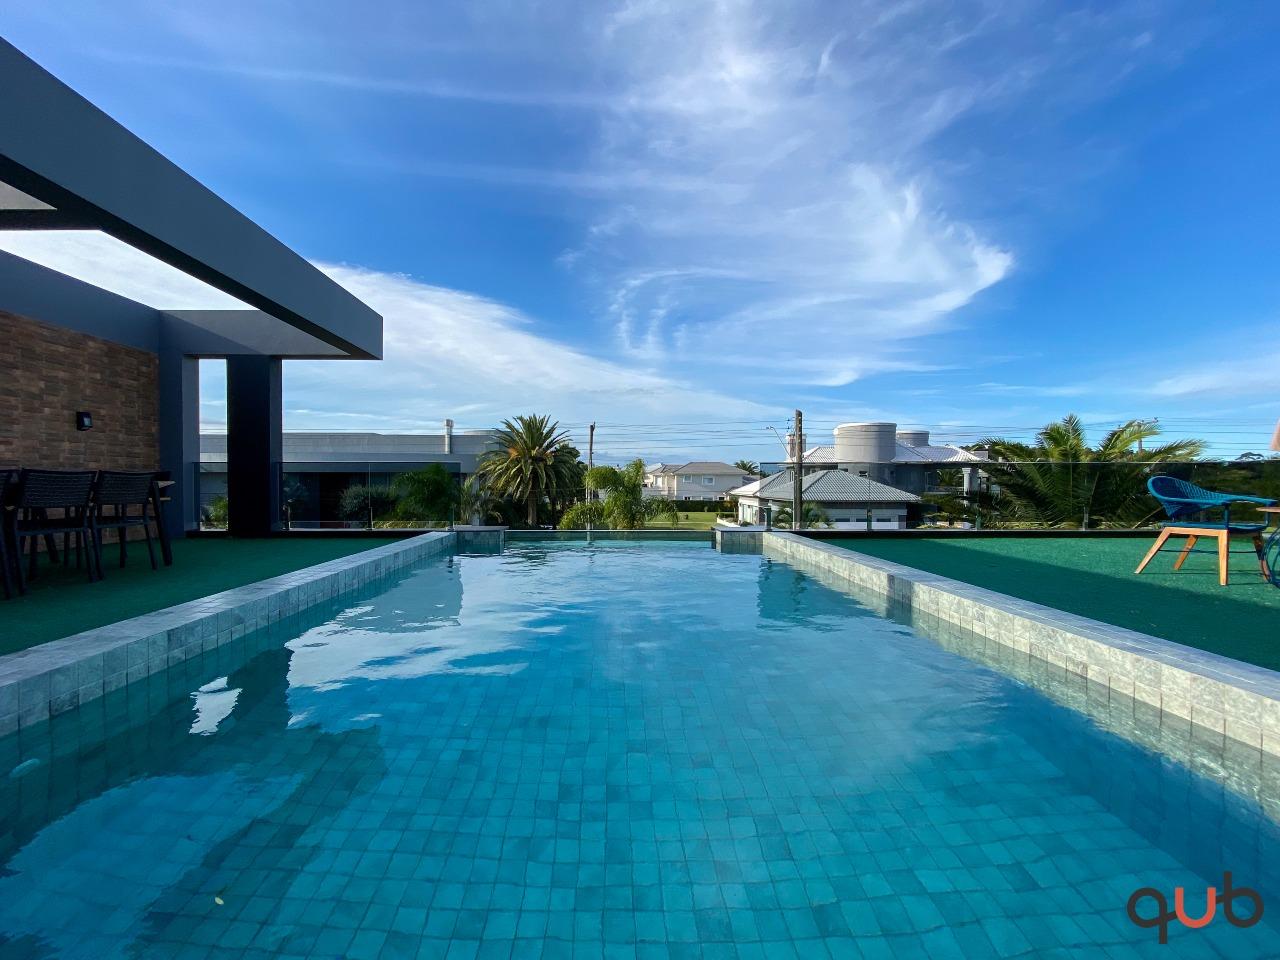 Sobrado à venda, 4 quartos, 4 suítes, 2 vagas, Condomínio Velas da Marina - Capão da Canoa/RS